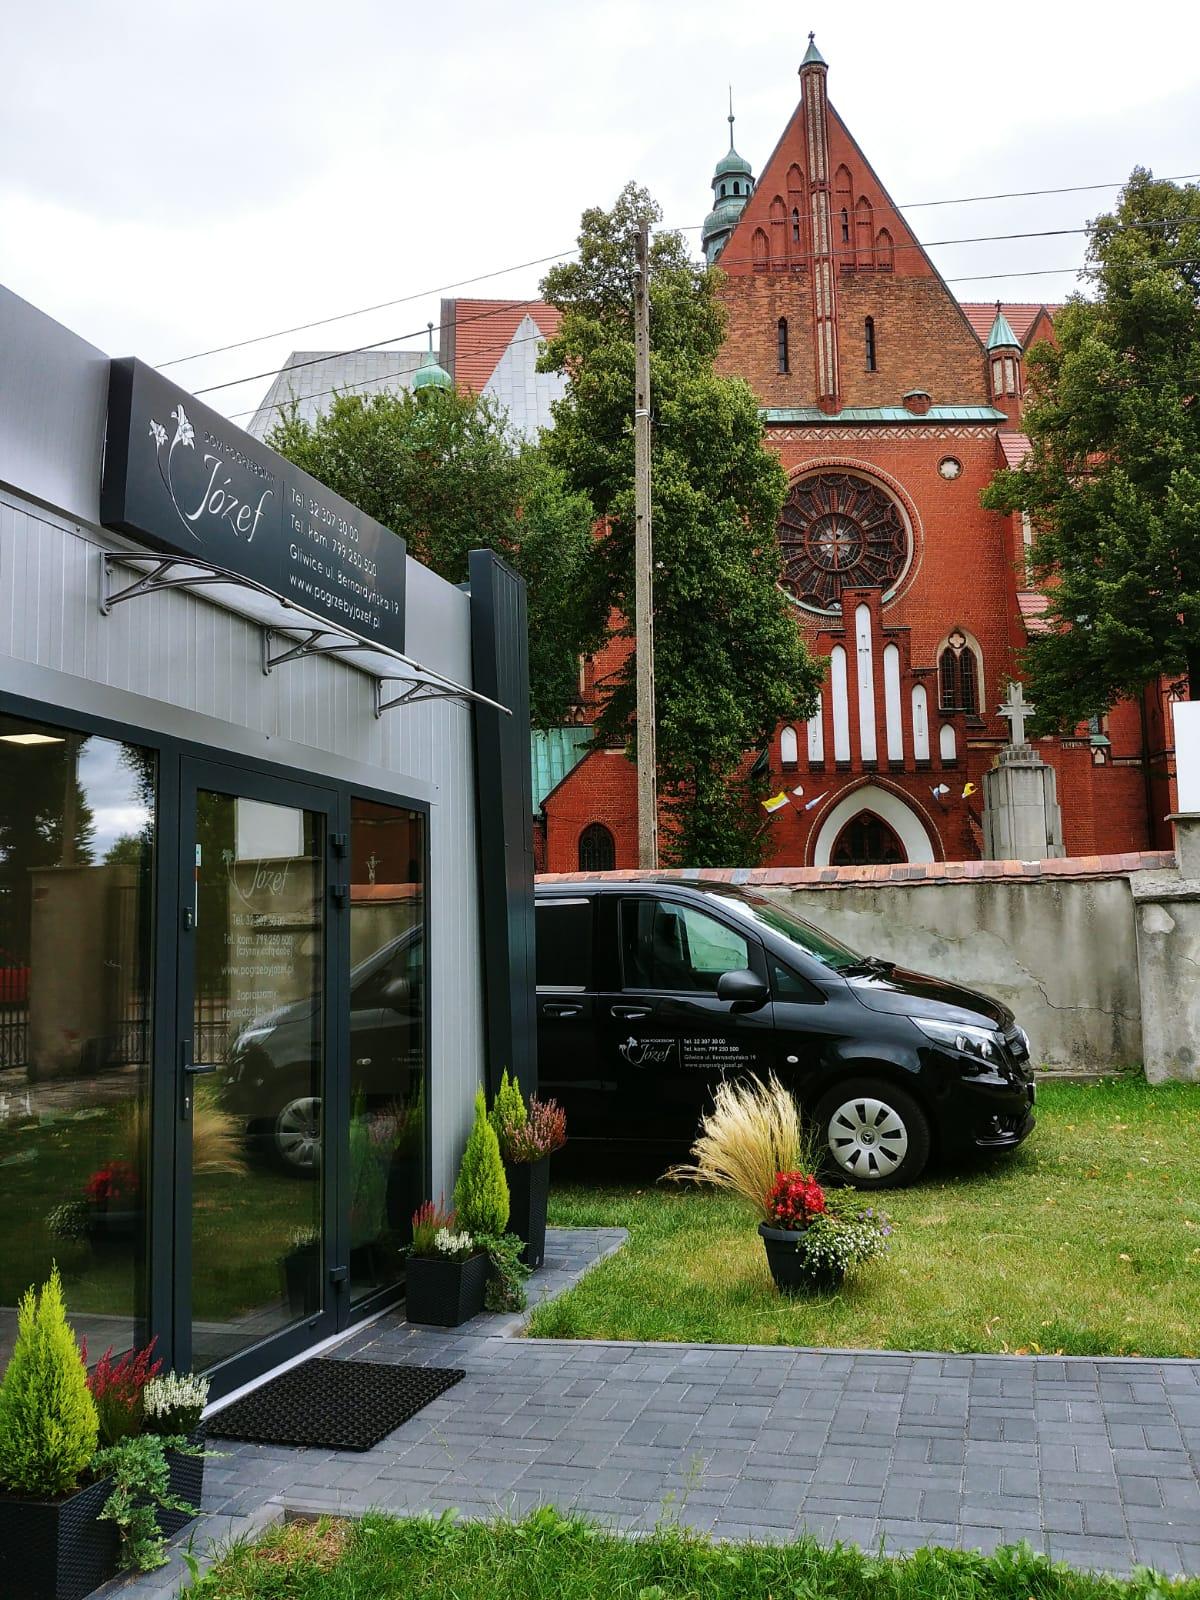 Dom pogrzebowy Józef z zewnątrz z samochodem - w tle kościół Św Bartłomieja